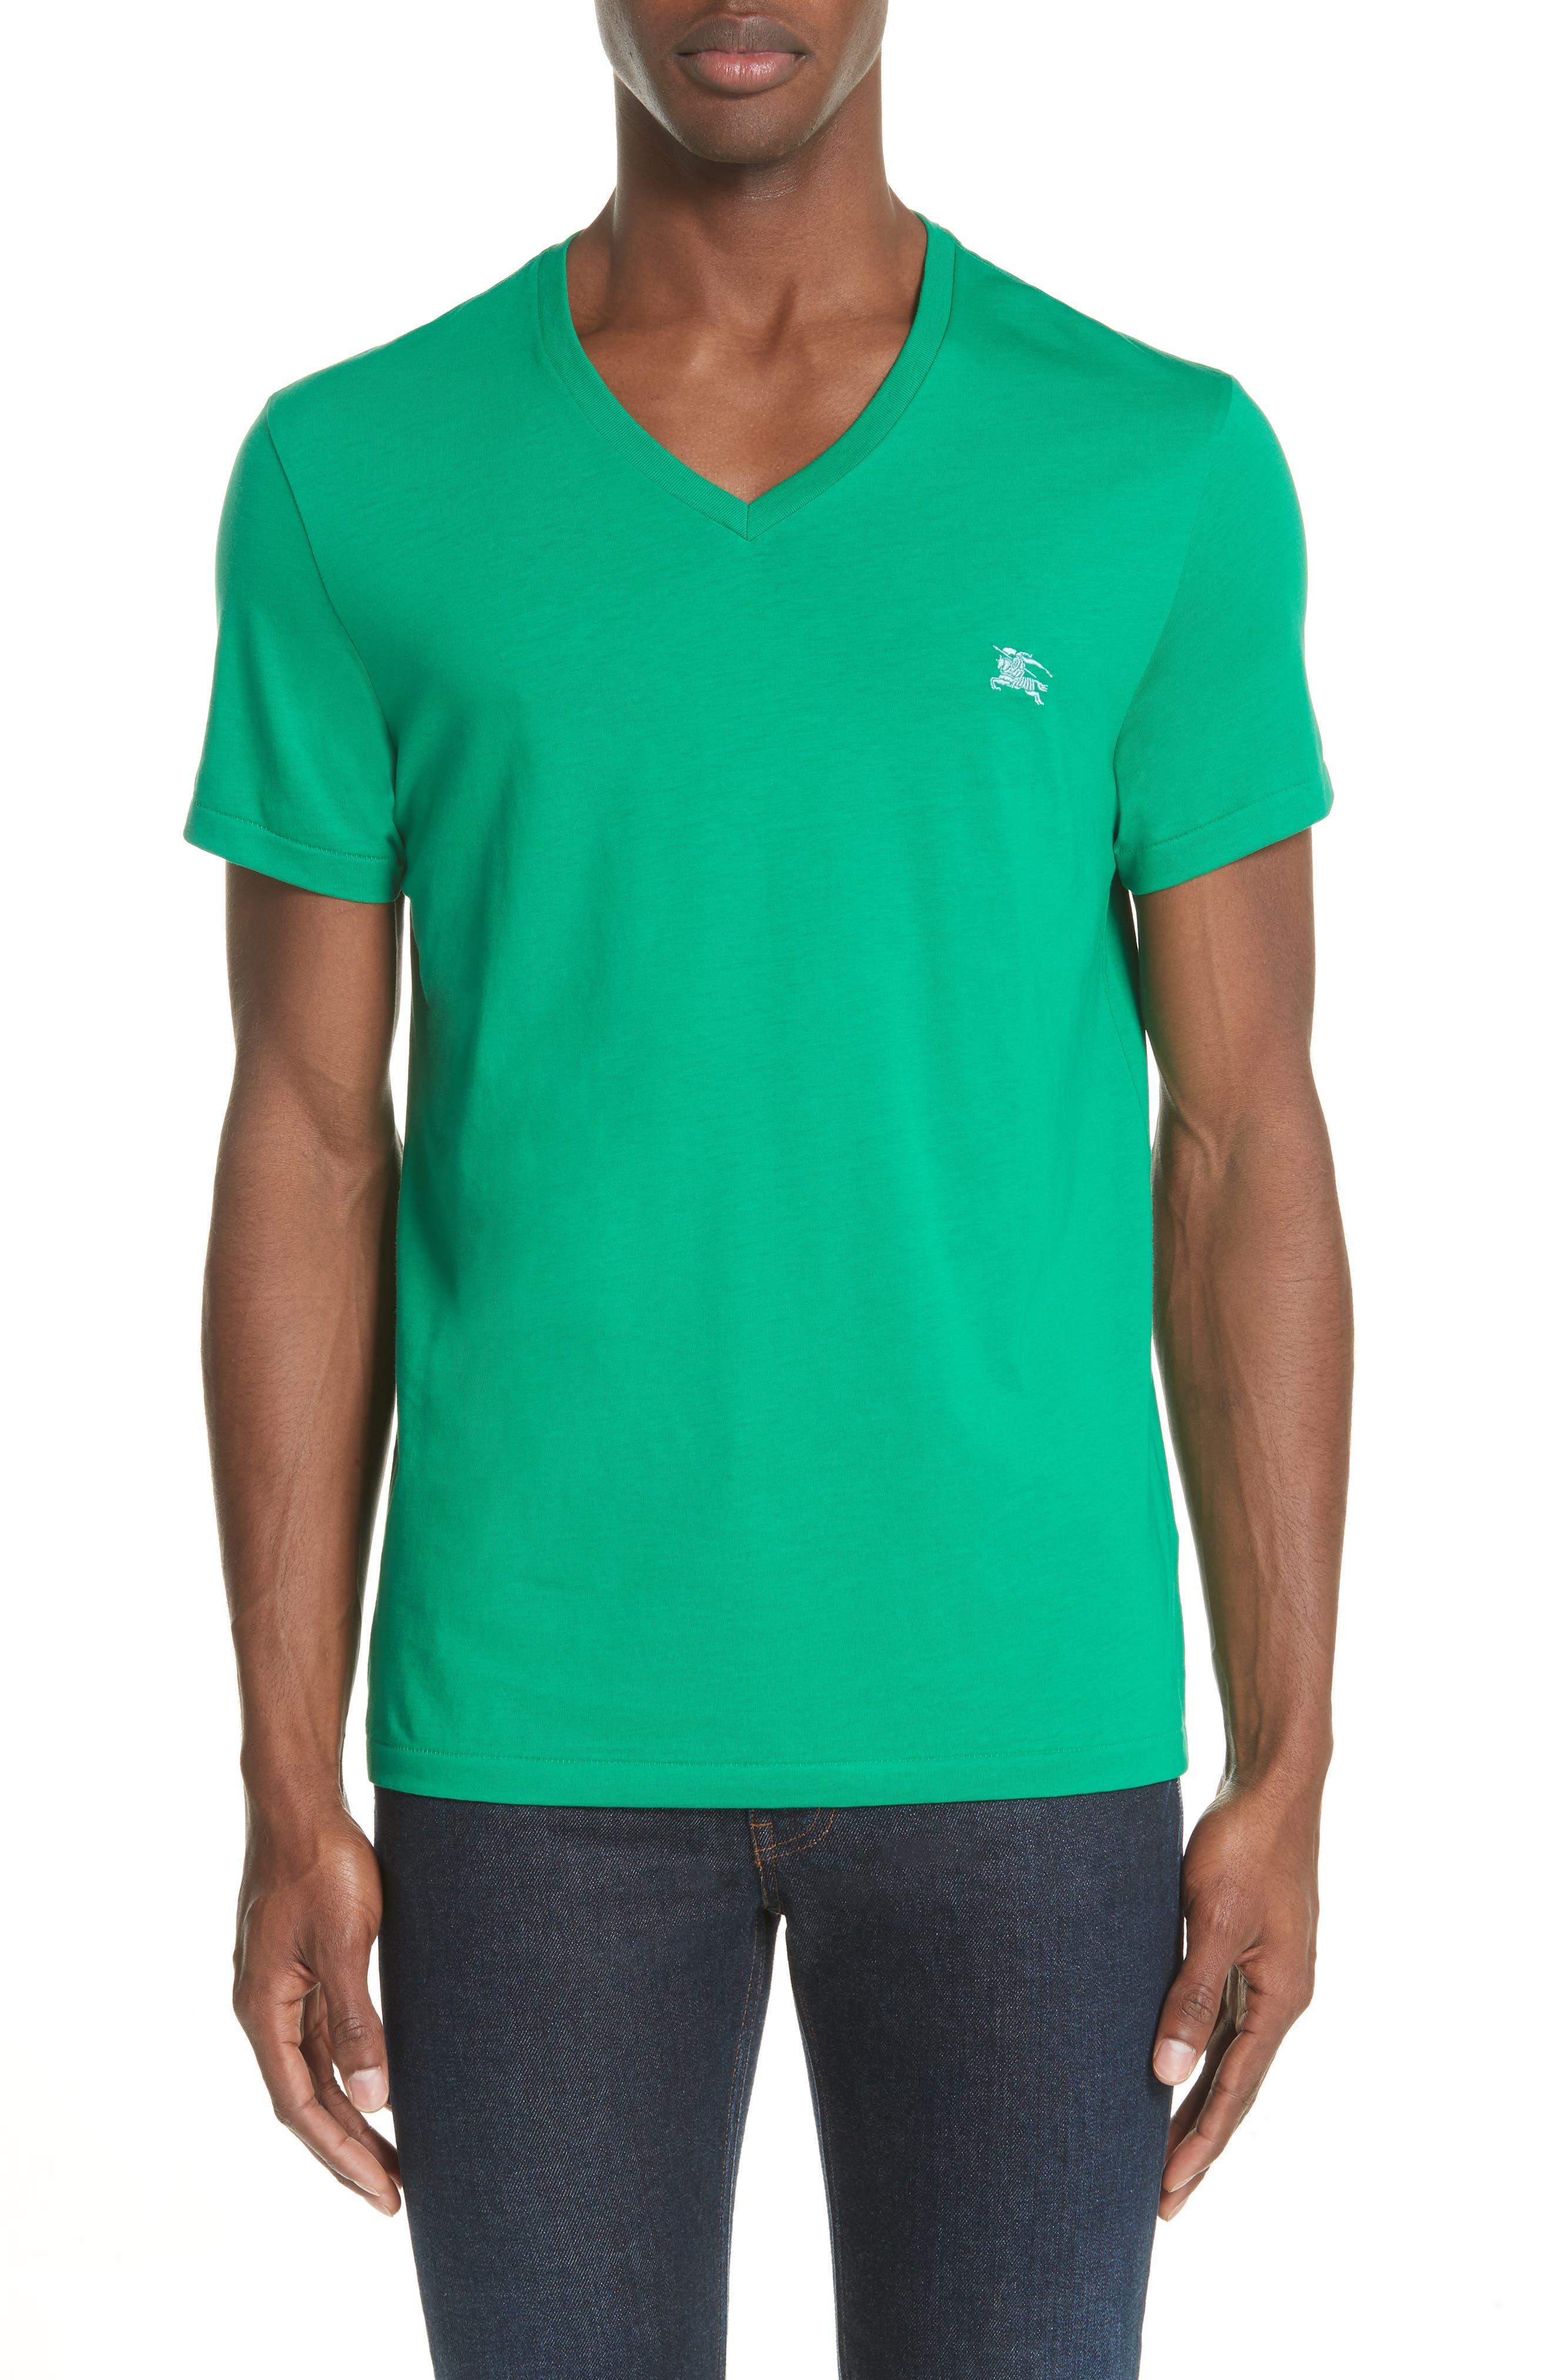 Jadford V-Neck T-Shirt,                         Main,                         color, BRIGHT GREEN